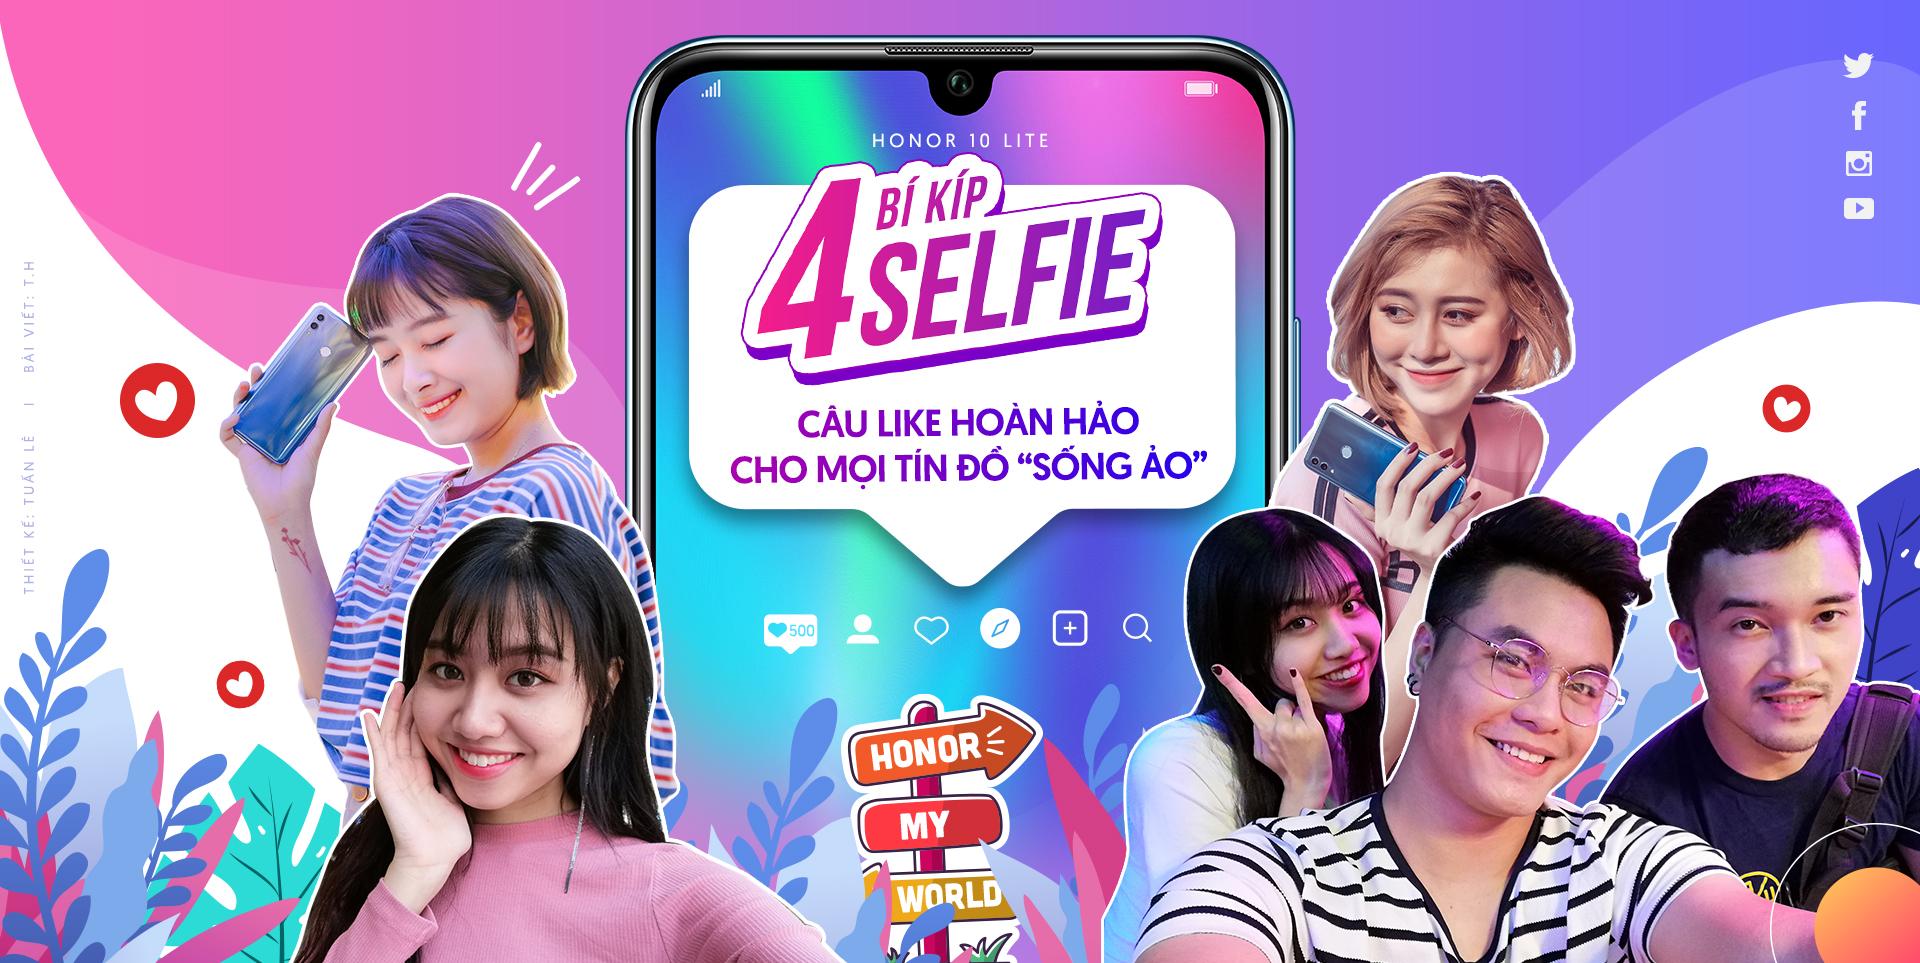 4 bí kíp selfie câu like hoàn hảo cho mọi tín đồ 'sống ảo'